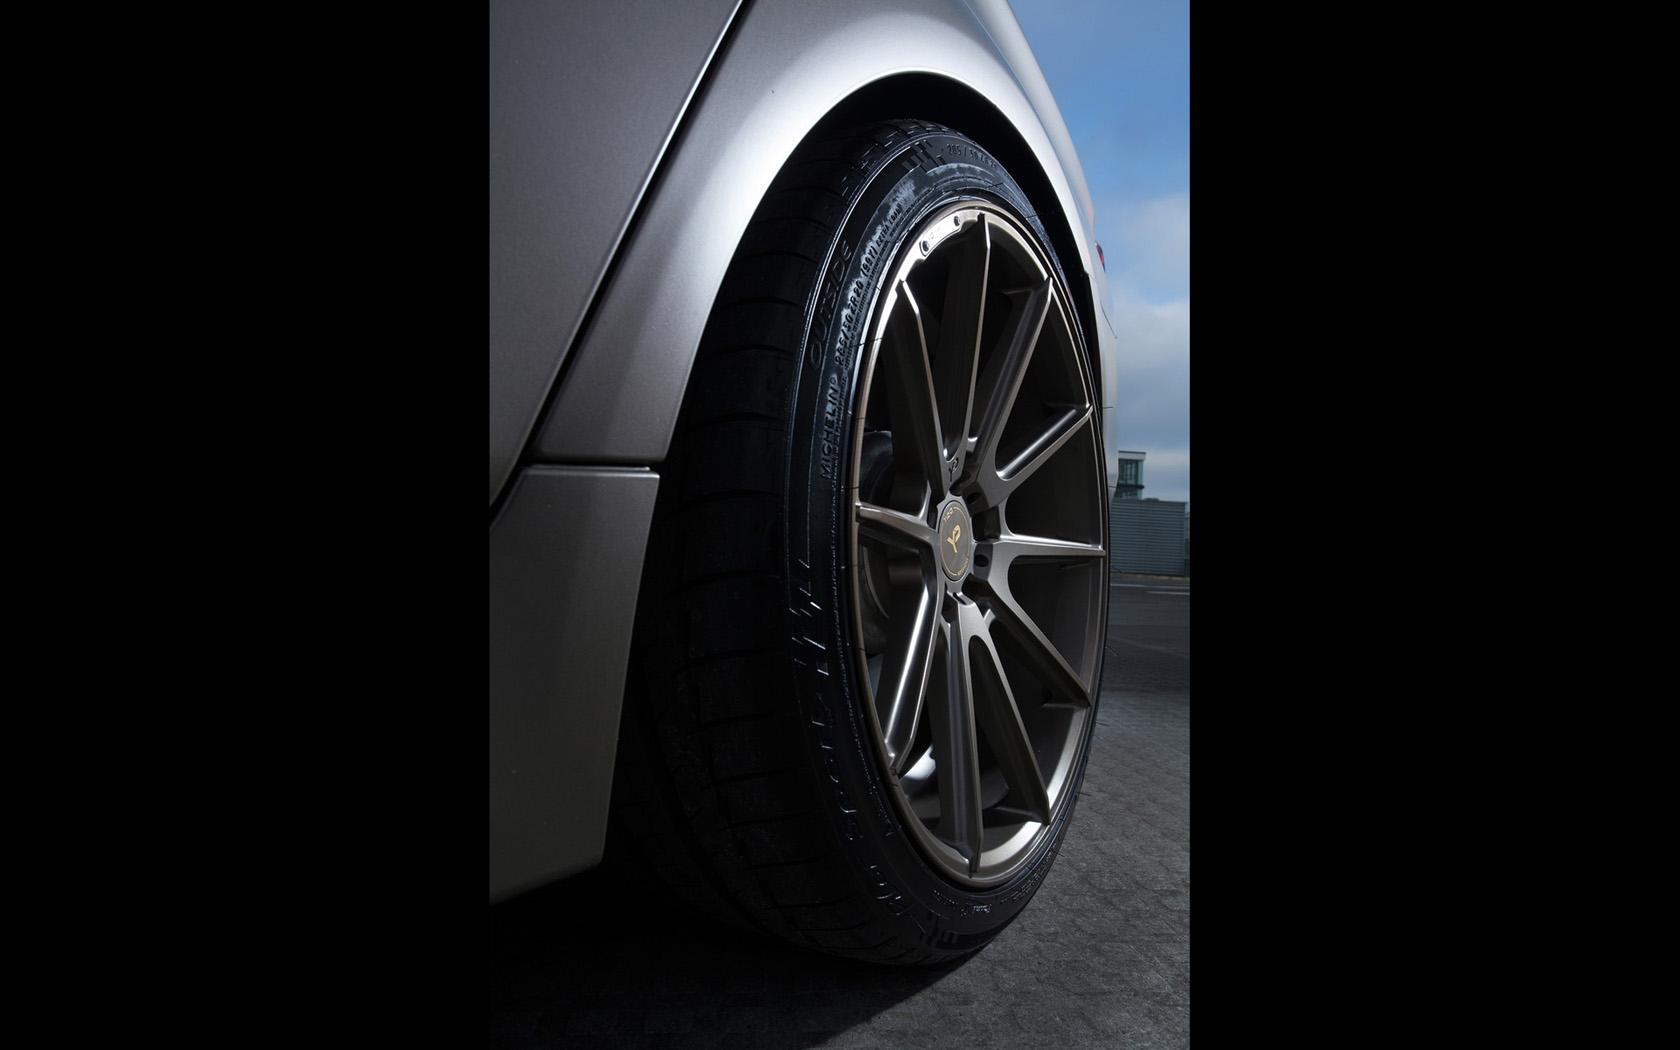 2014-fostla-de-BMW-550i-Details-1-1680x1050